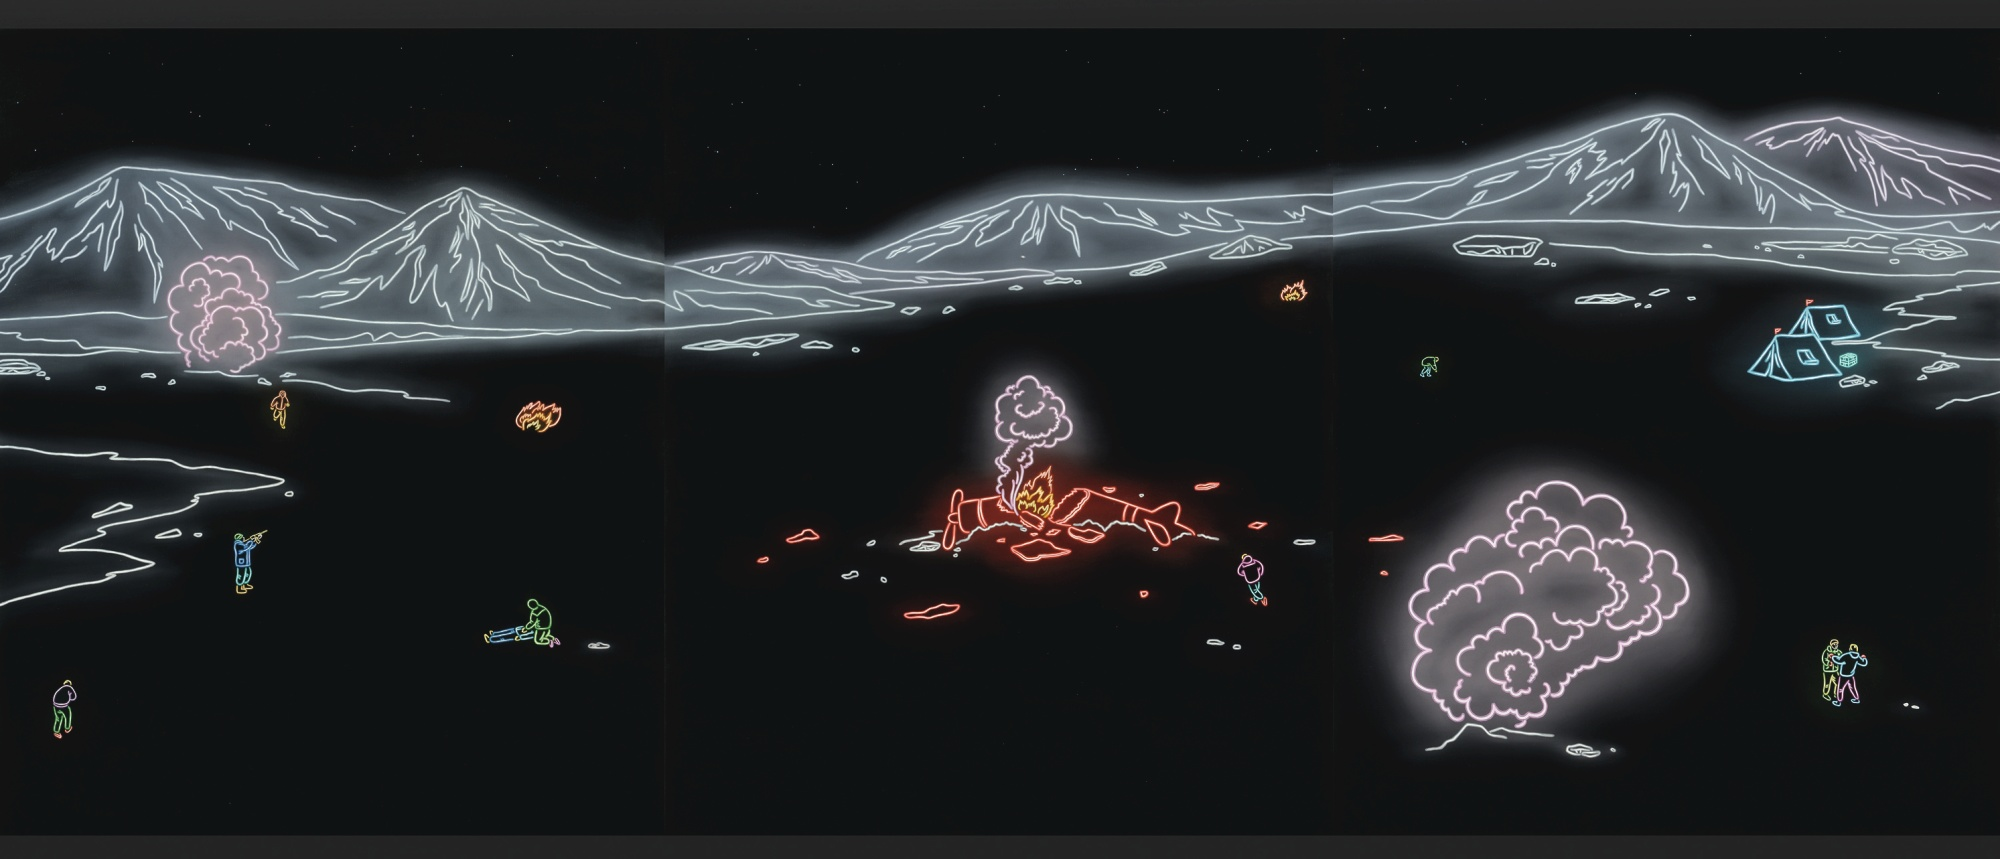 Kong Lingnan-The Drifting Peninsula II (Triptych)-2011